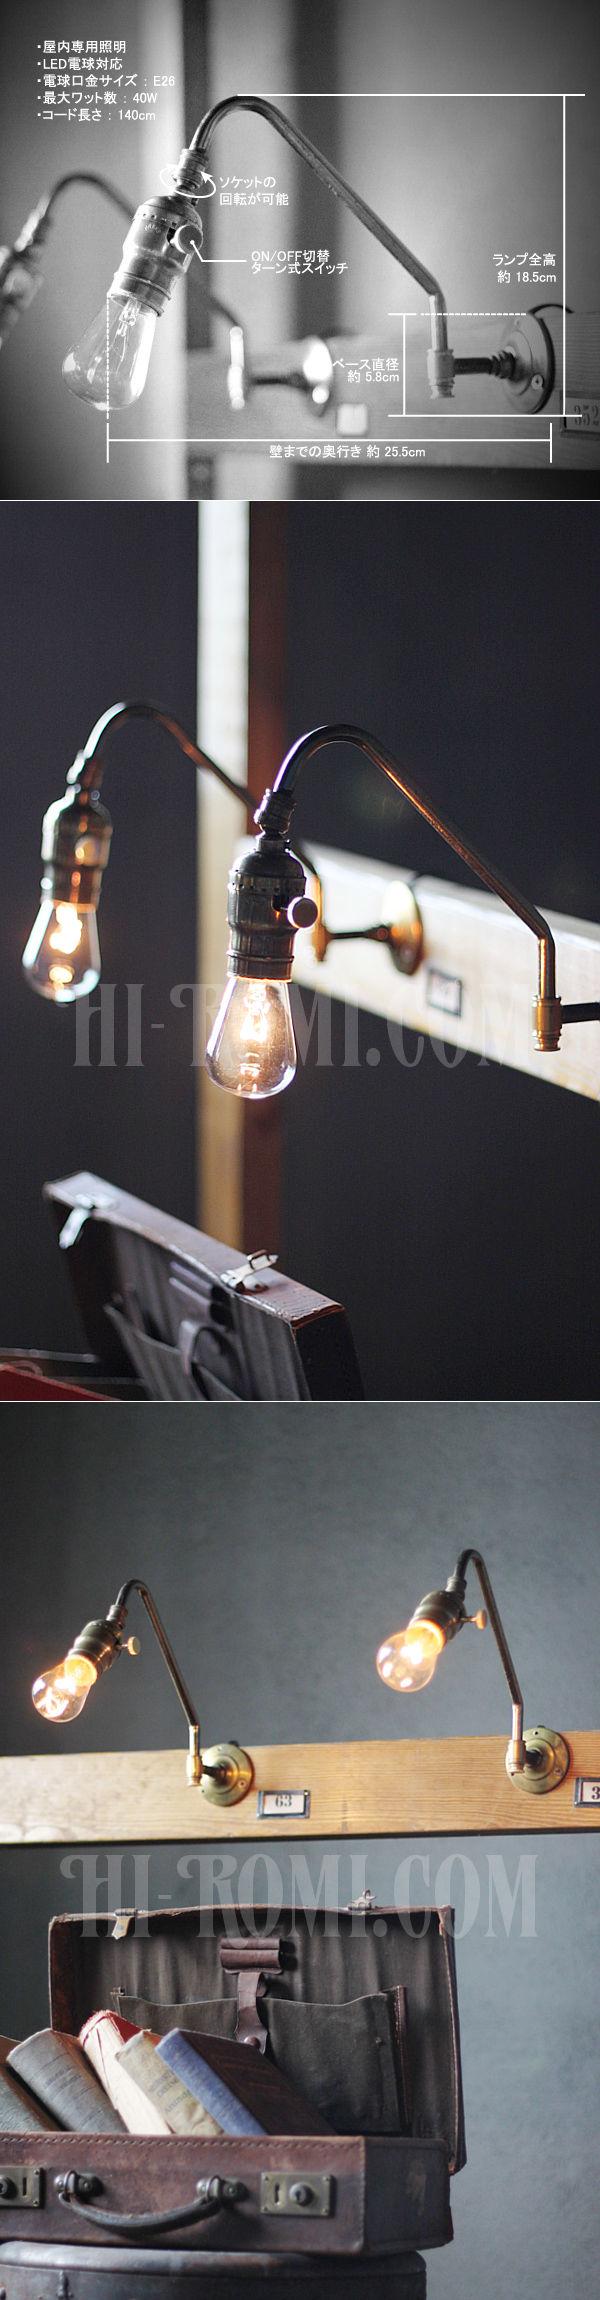 アメリカヴィンテージ工業系角度調整付きファットボーイソケットブラケットランプ/インダストリアルアンティークライト照明